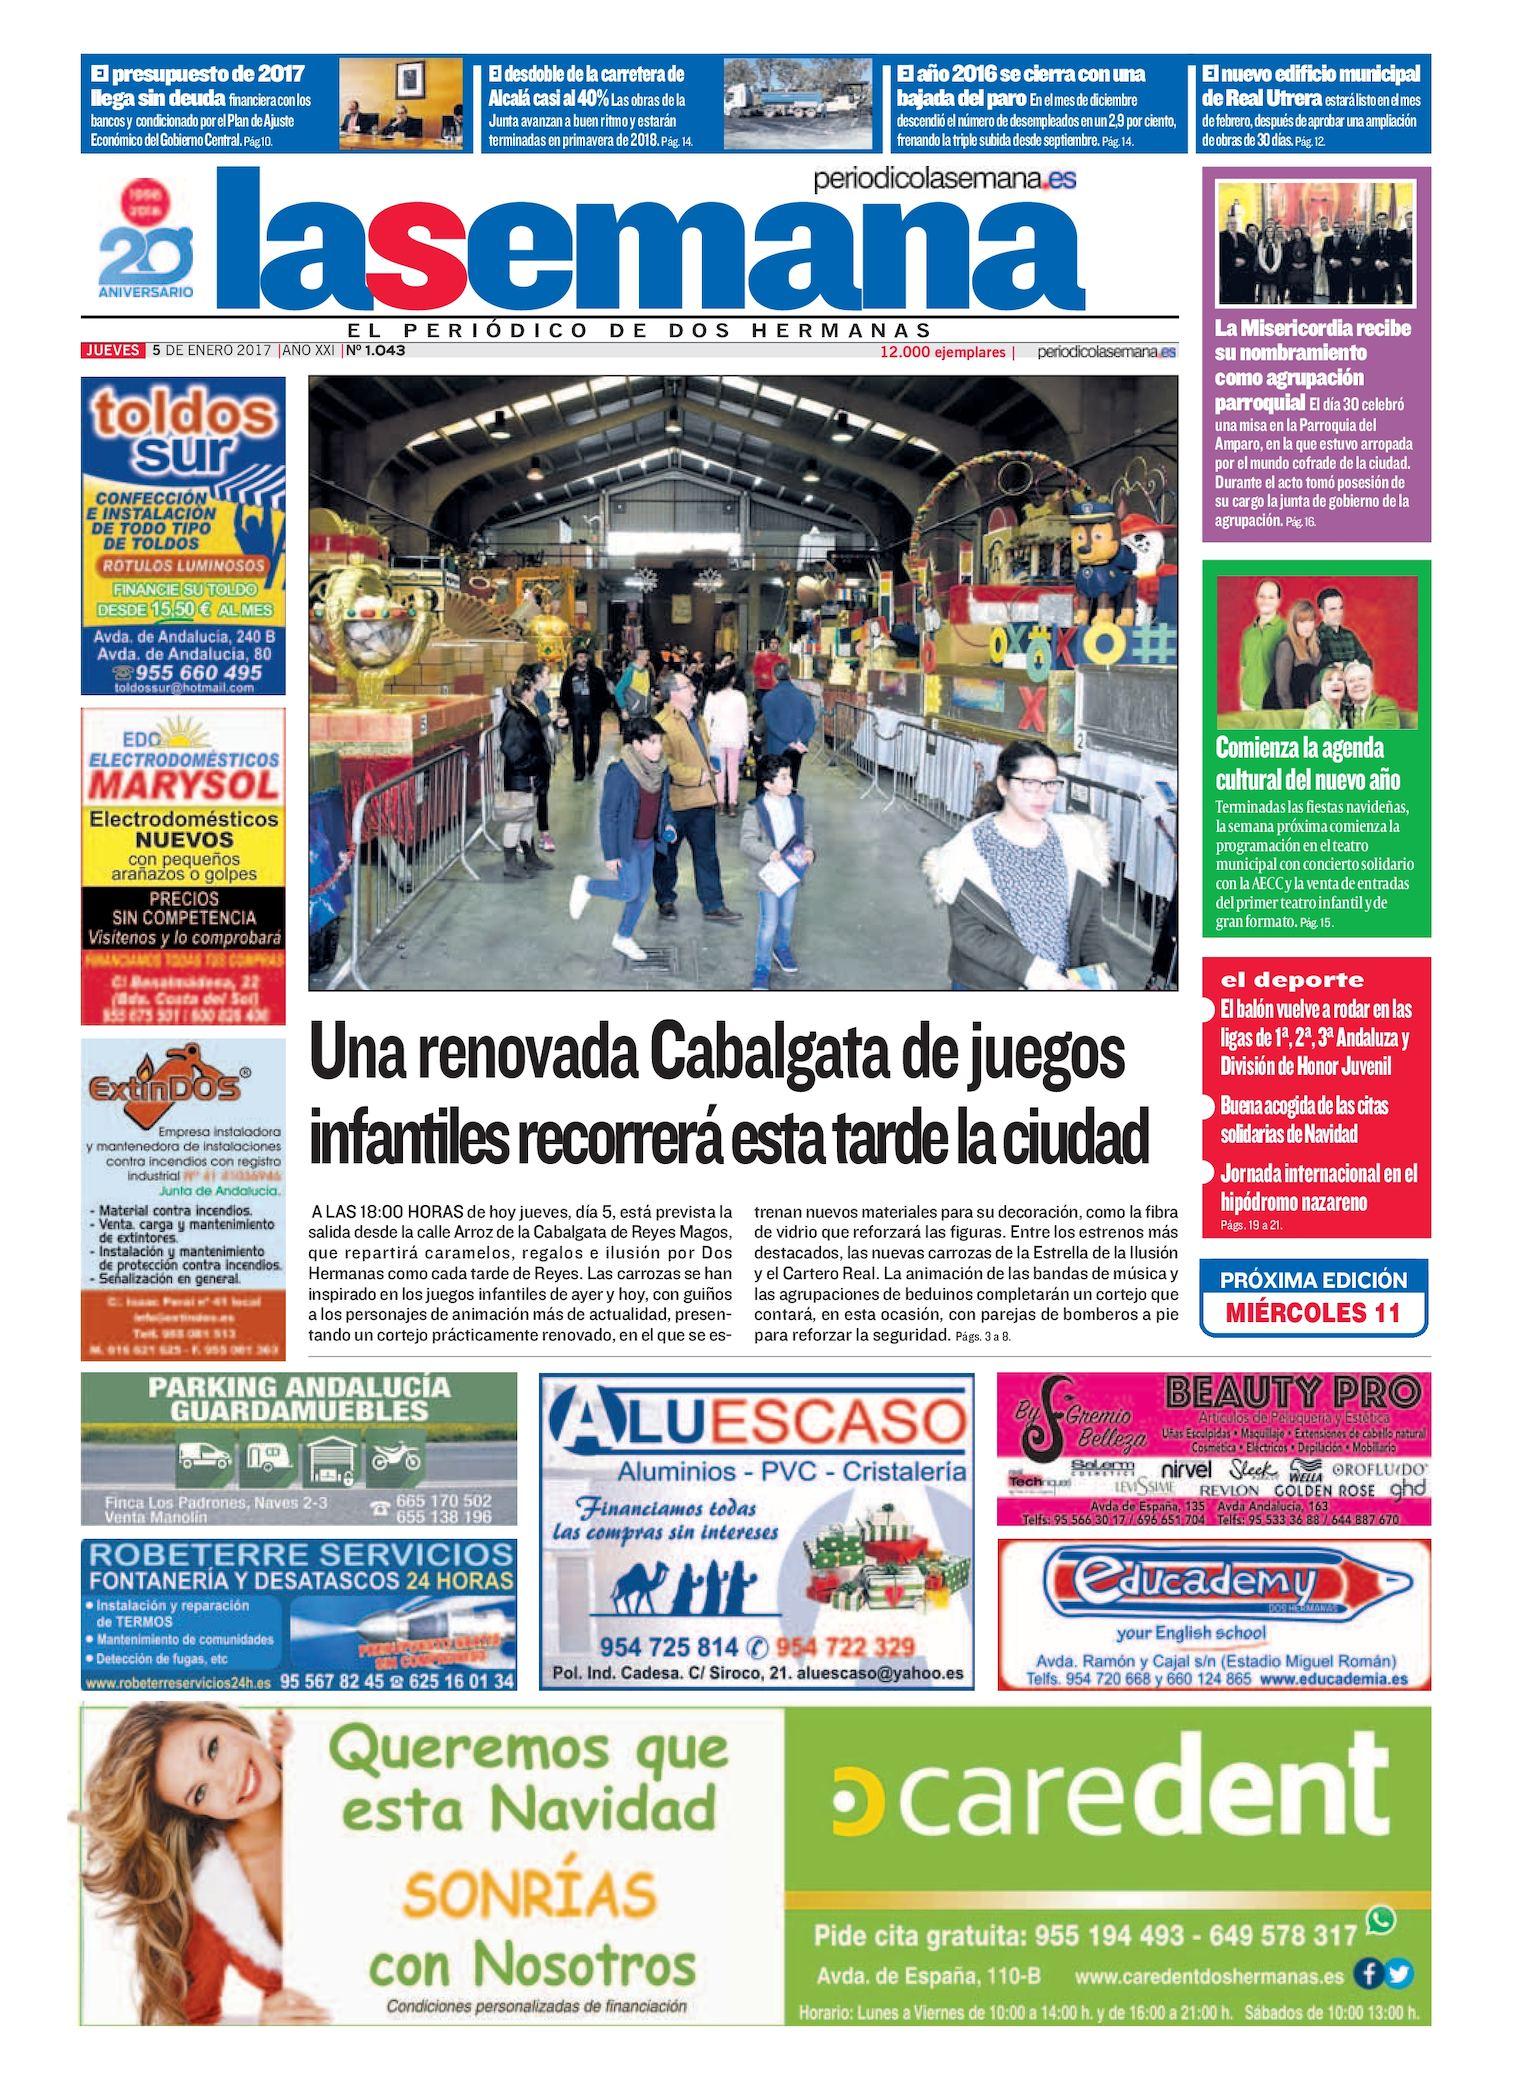 afbf824f0a Calaméo - Periodico La Semana 1043